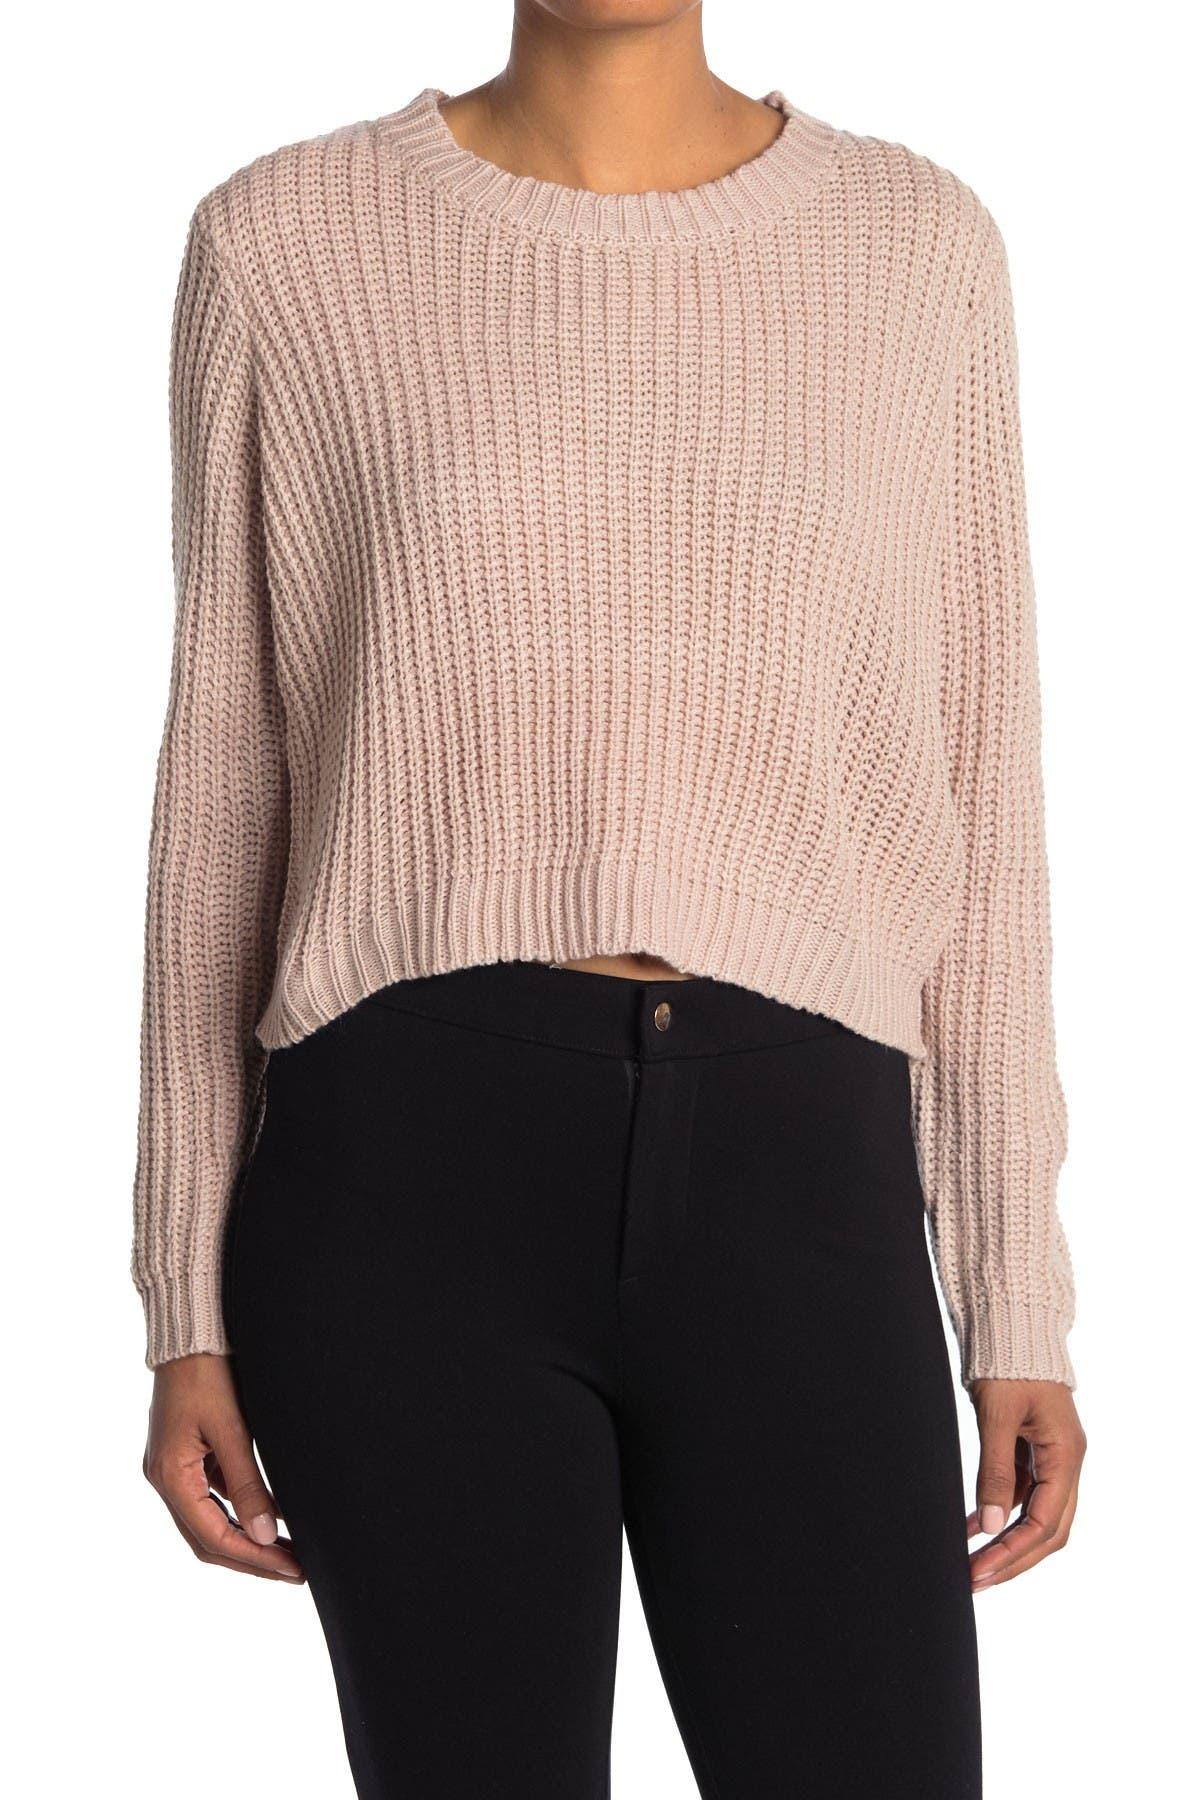 Image of Cotton Emporium Crew Neck Knit Sweater